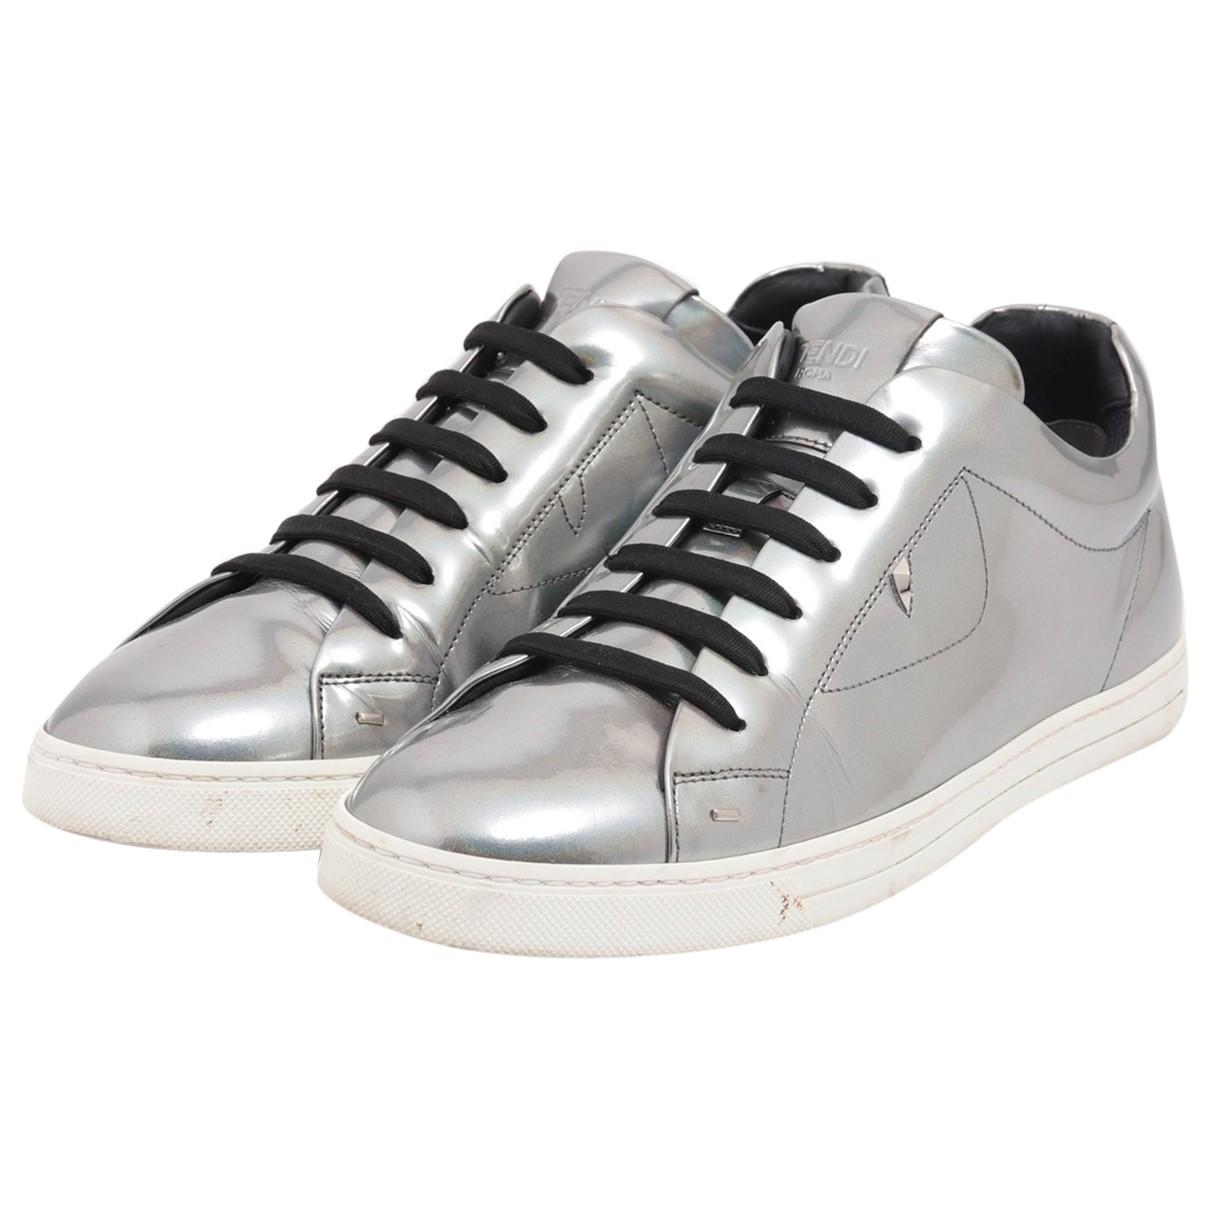 Fendi \N Sneakers in  Silber Lackleder